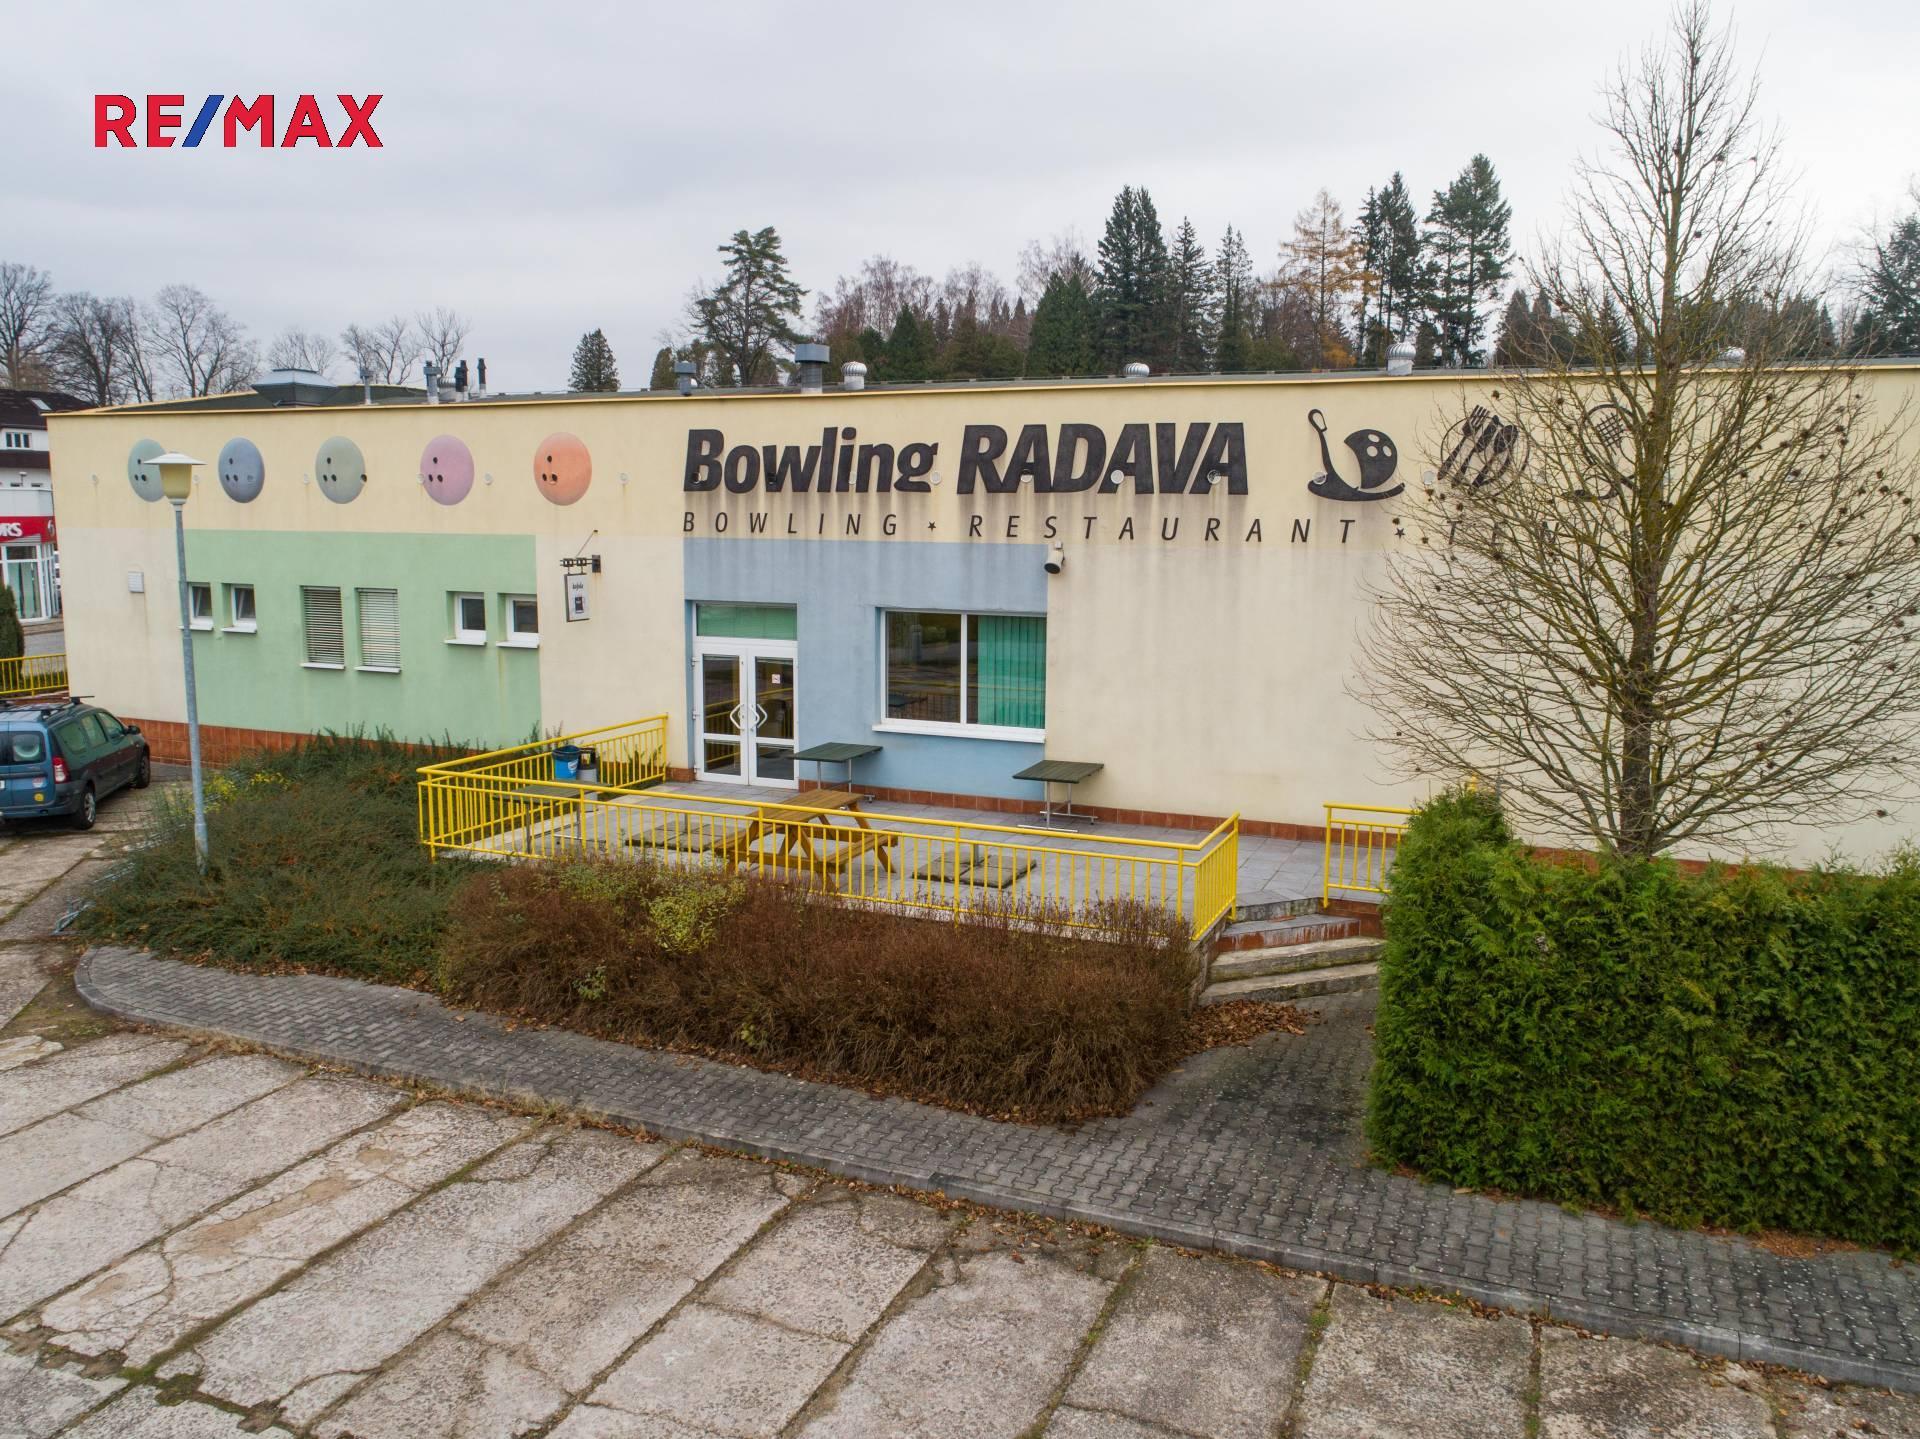 Prodej multifunkčního objektu: Bowlingové centrum s restaurací v Ústí nad Orlicí.